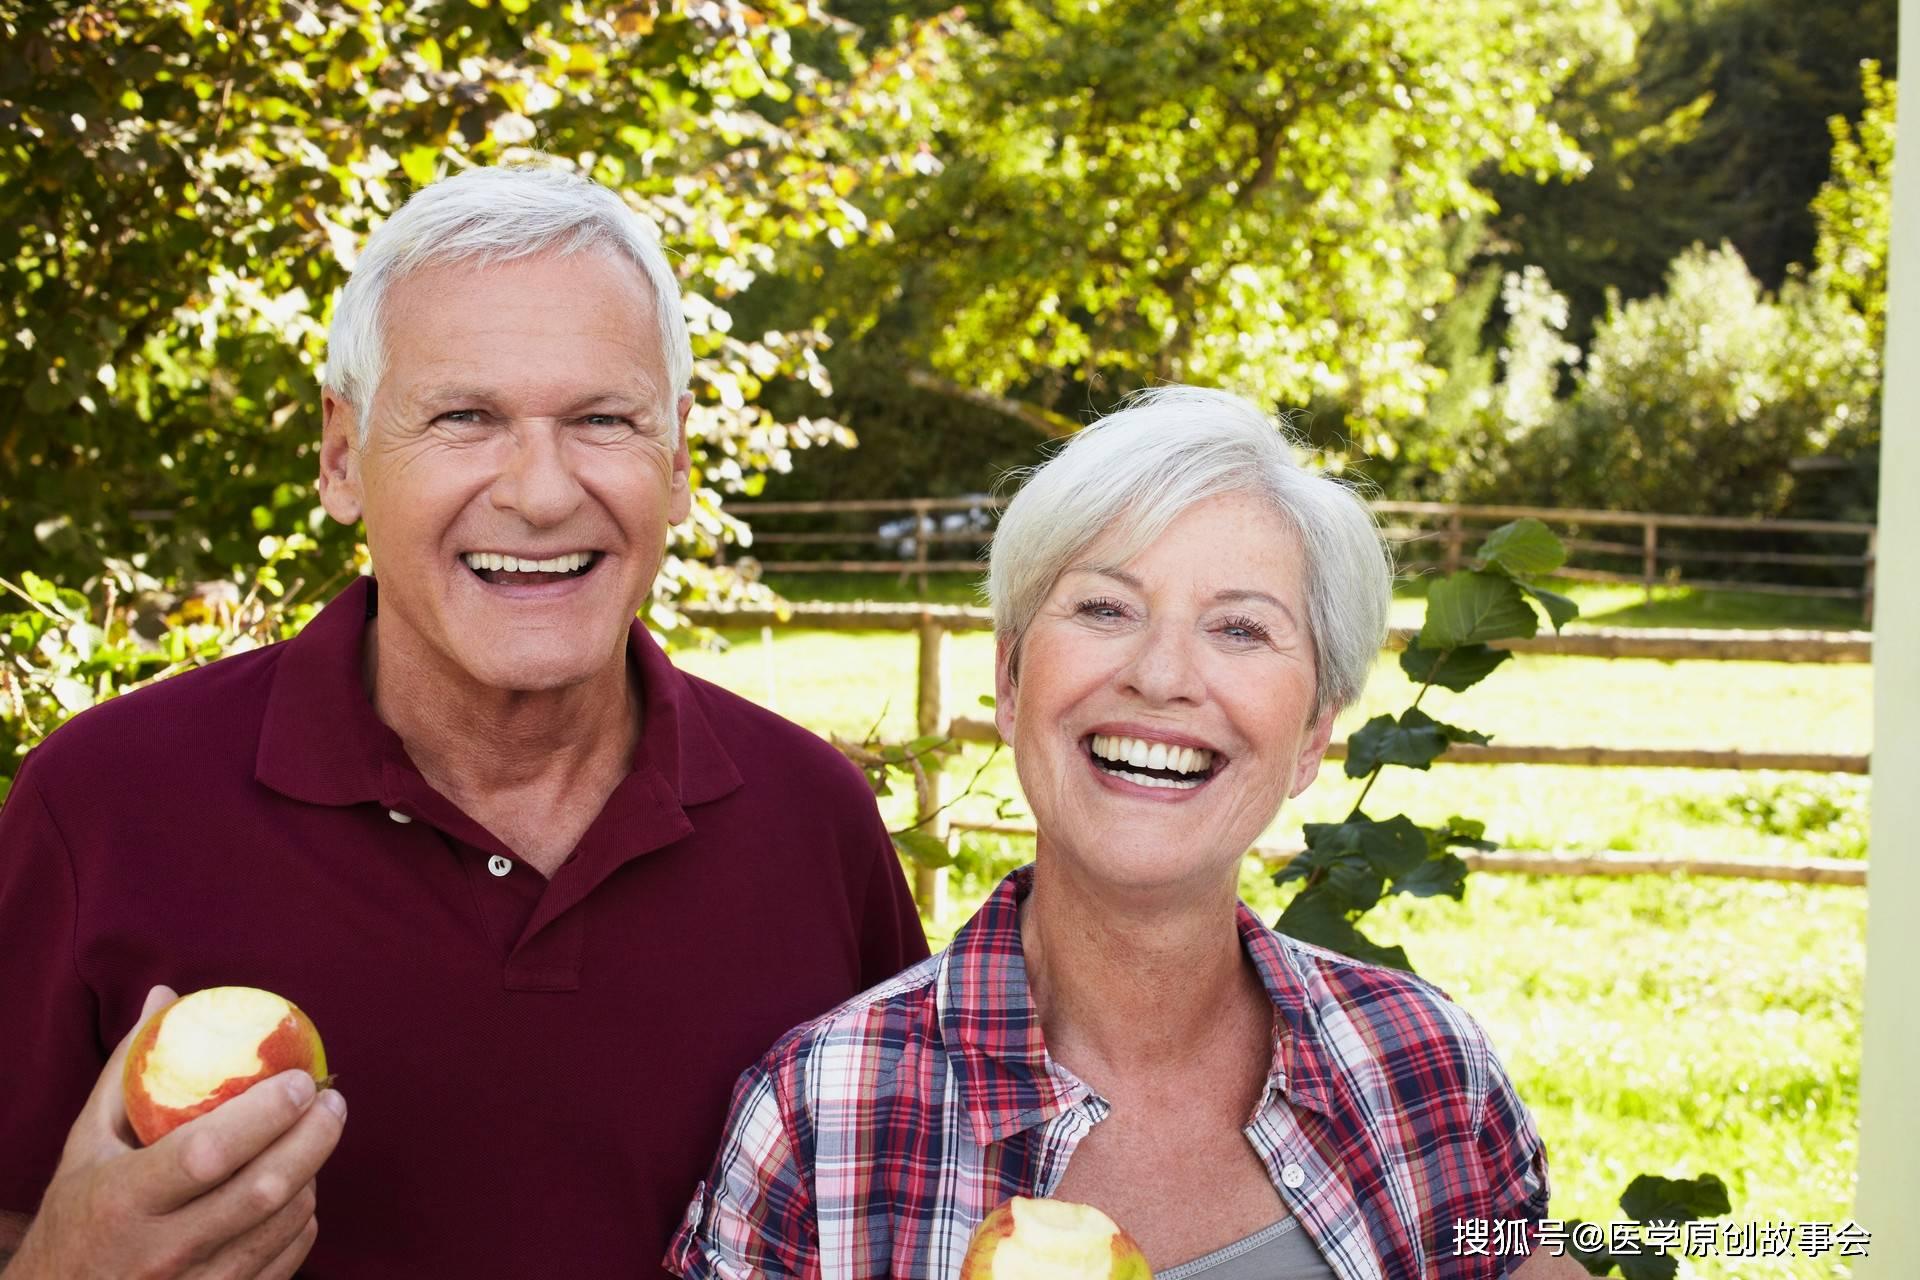 远离糖尿病,吃饭两不要,晨起两坚持,恭喜你,你的血糖会更好